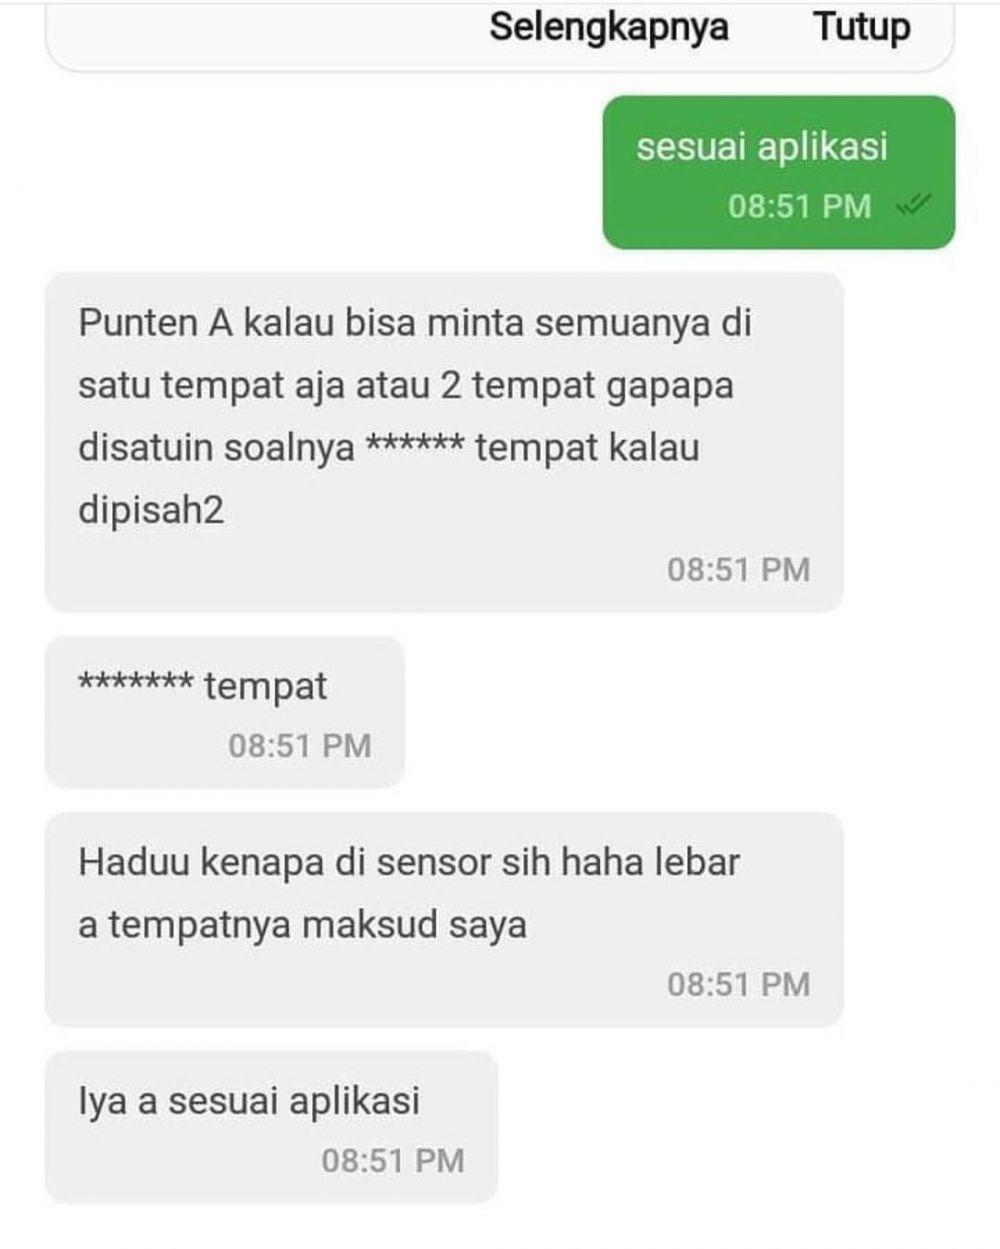 Chat ojek online salah paham © In